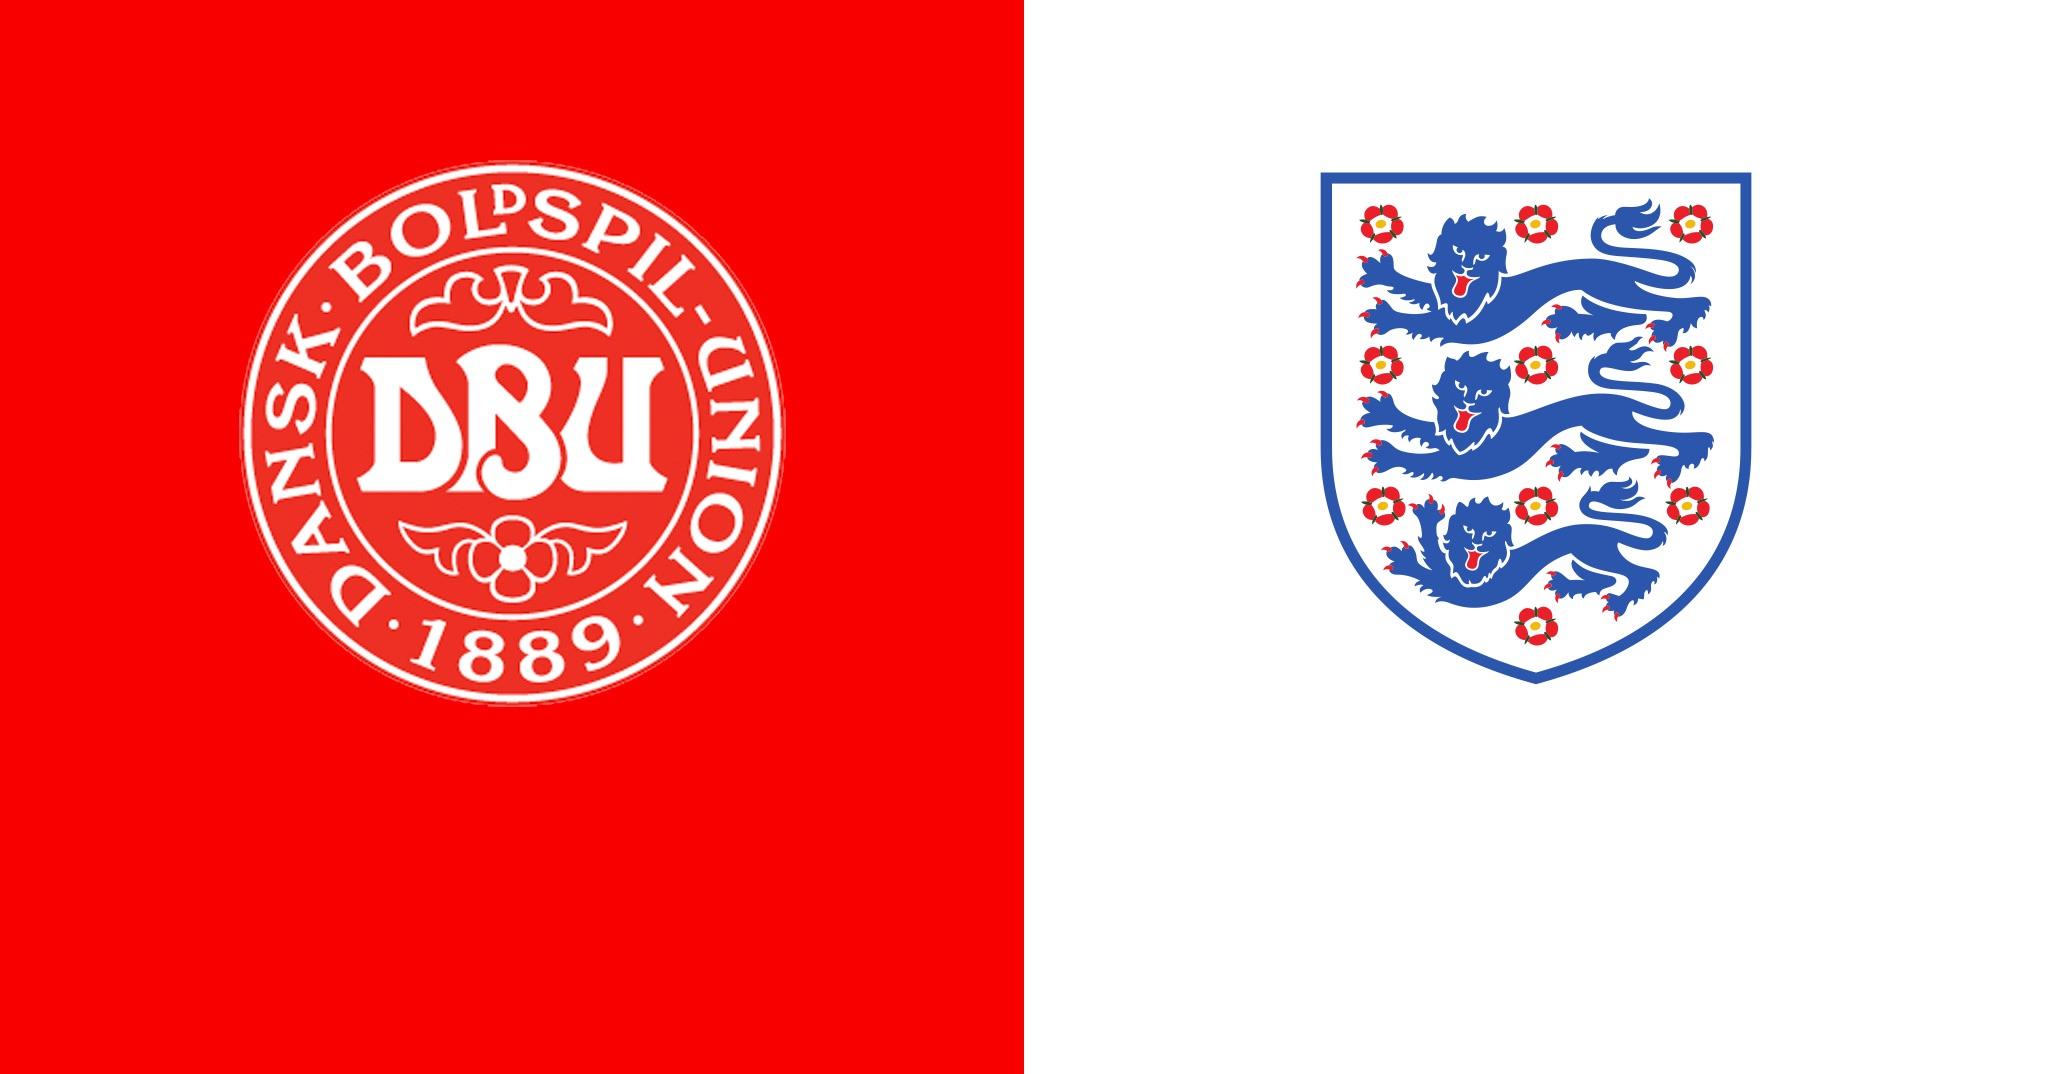 【开奖】【欧洲杯竞猜】丹麦VS英格兰,今晚代金券奖励成倍!